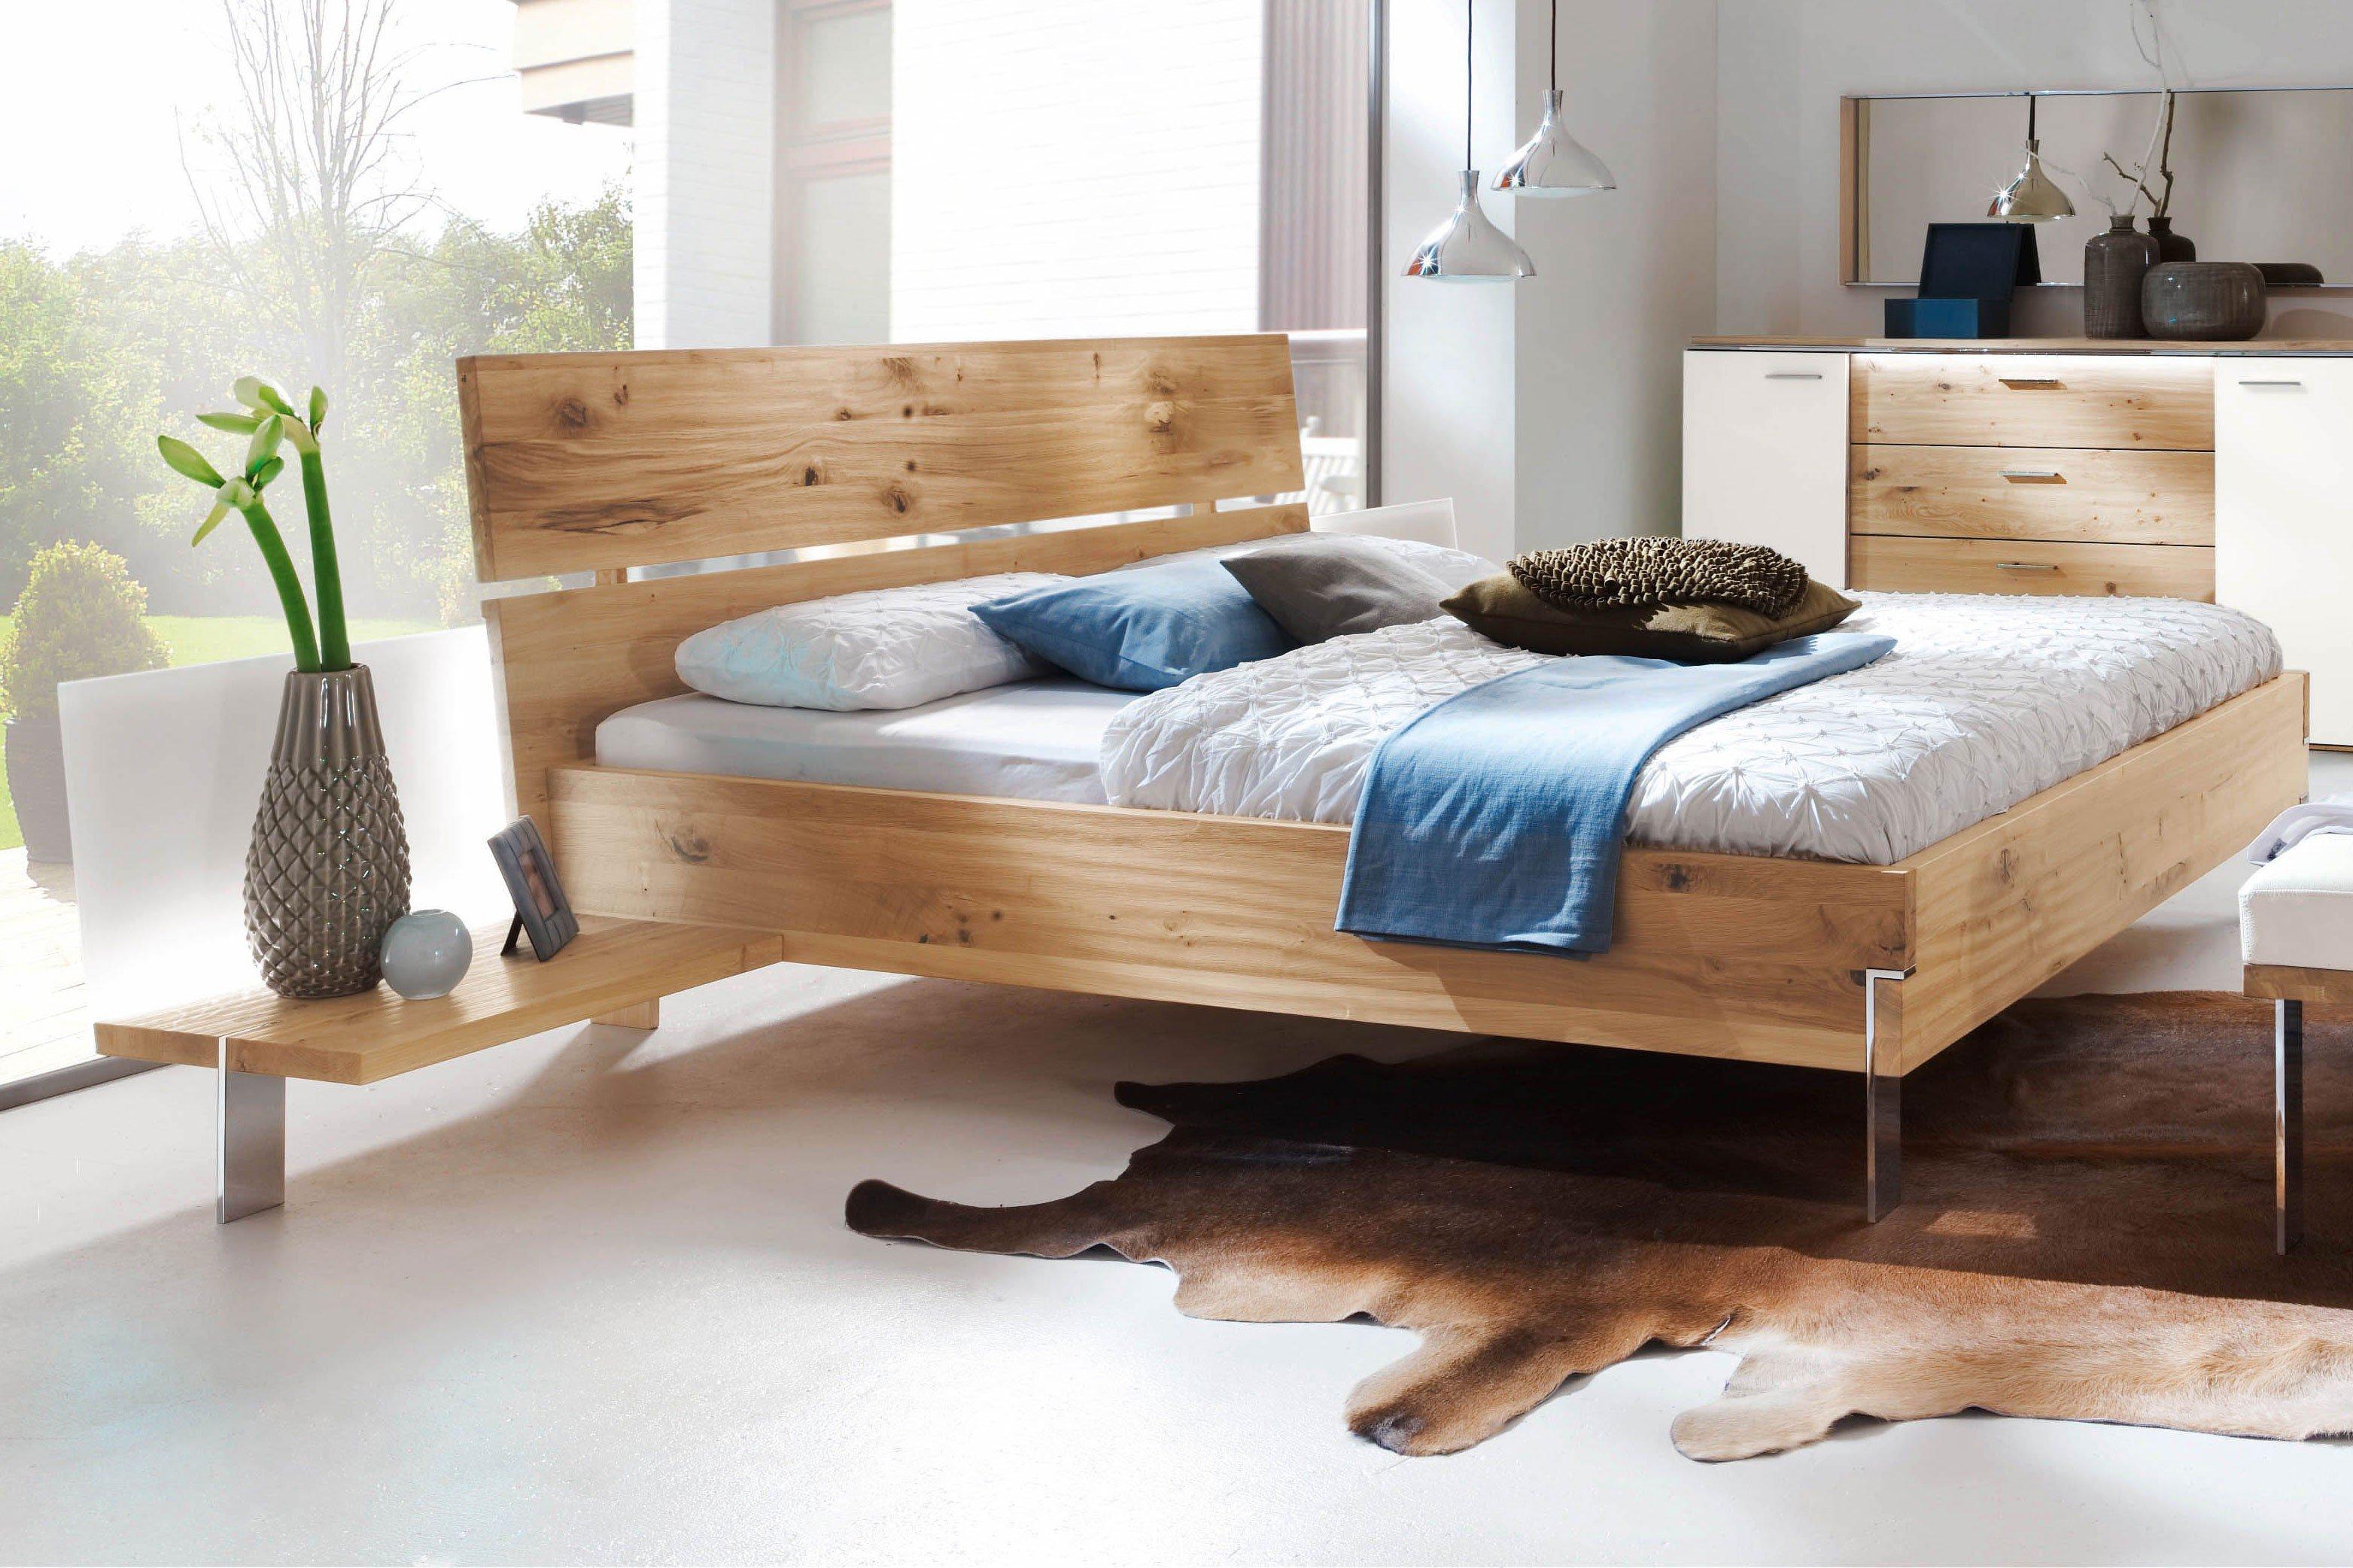 Thielemeyer Loft Komfort Liegenbett 180x200 Cm Mobel Letz Ihr